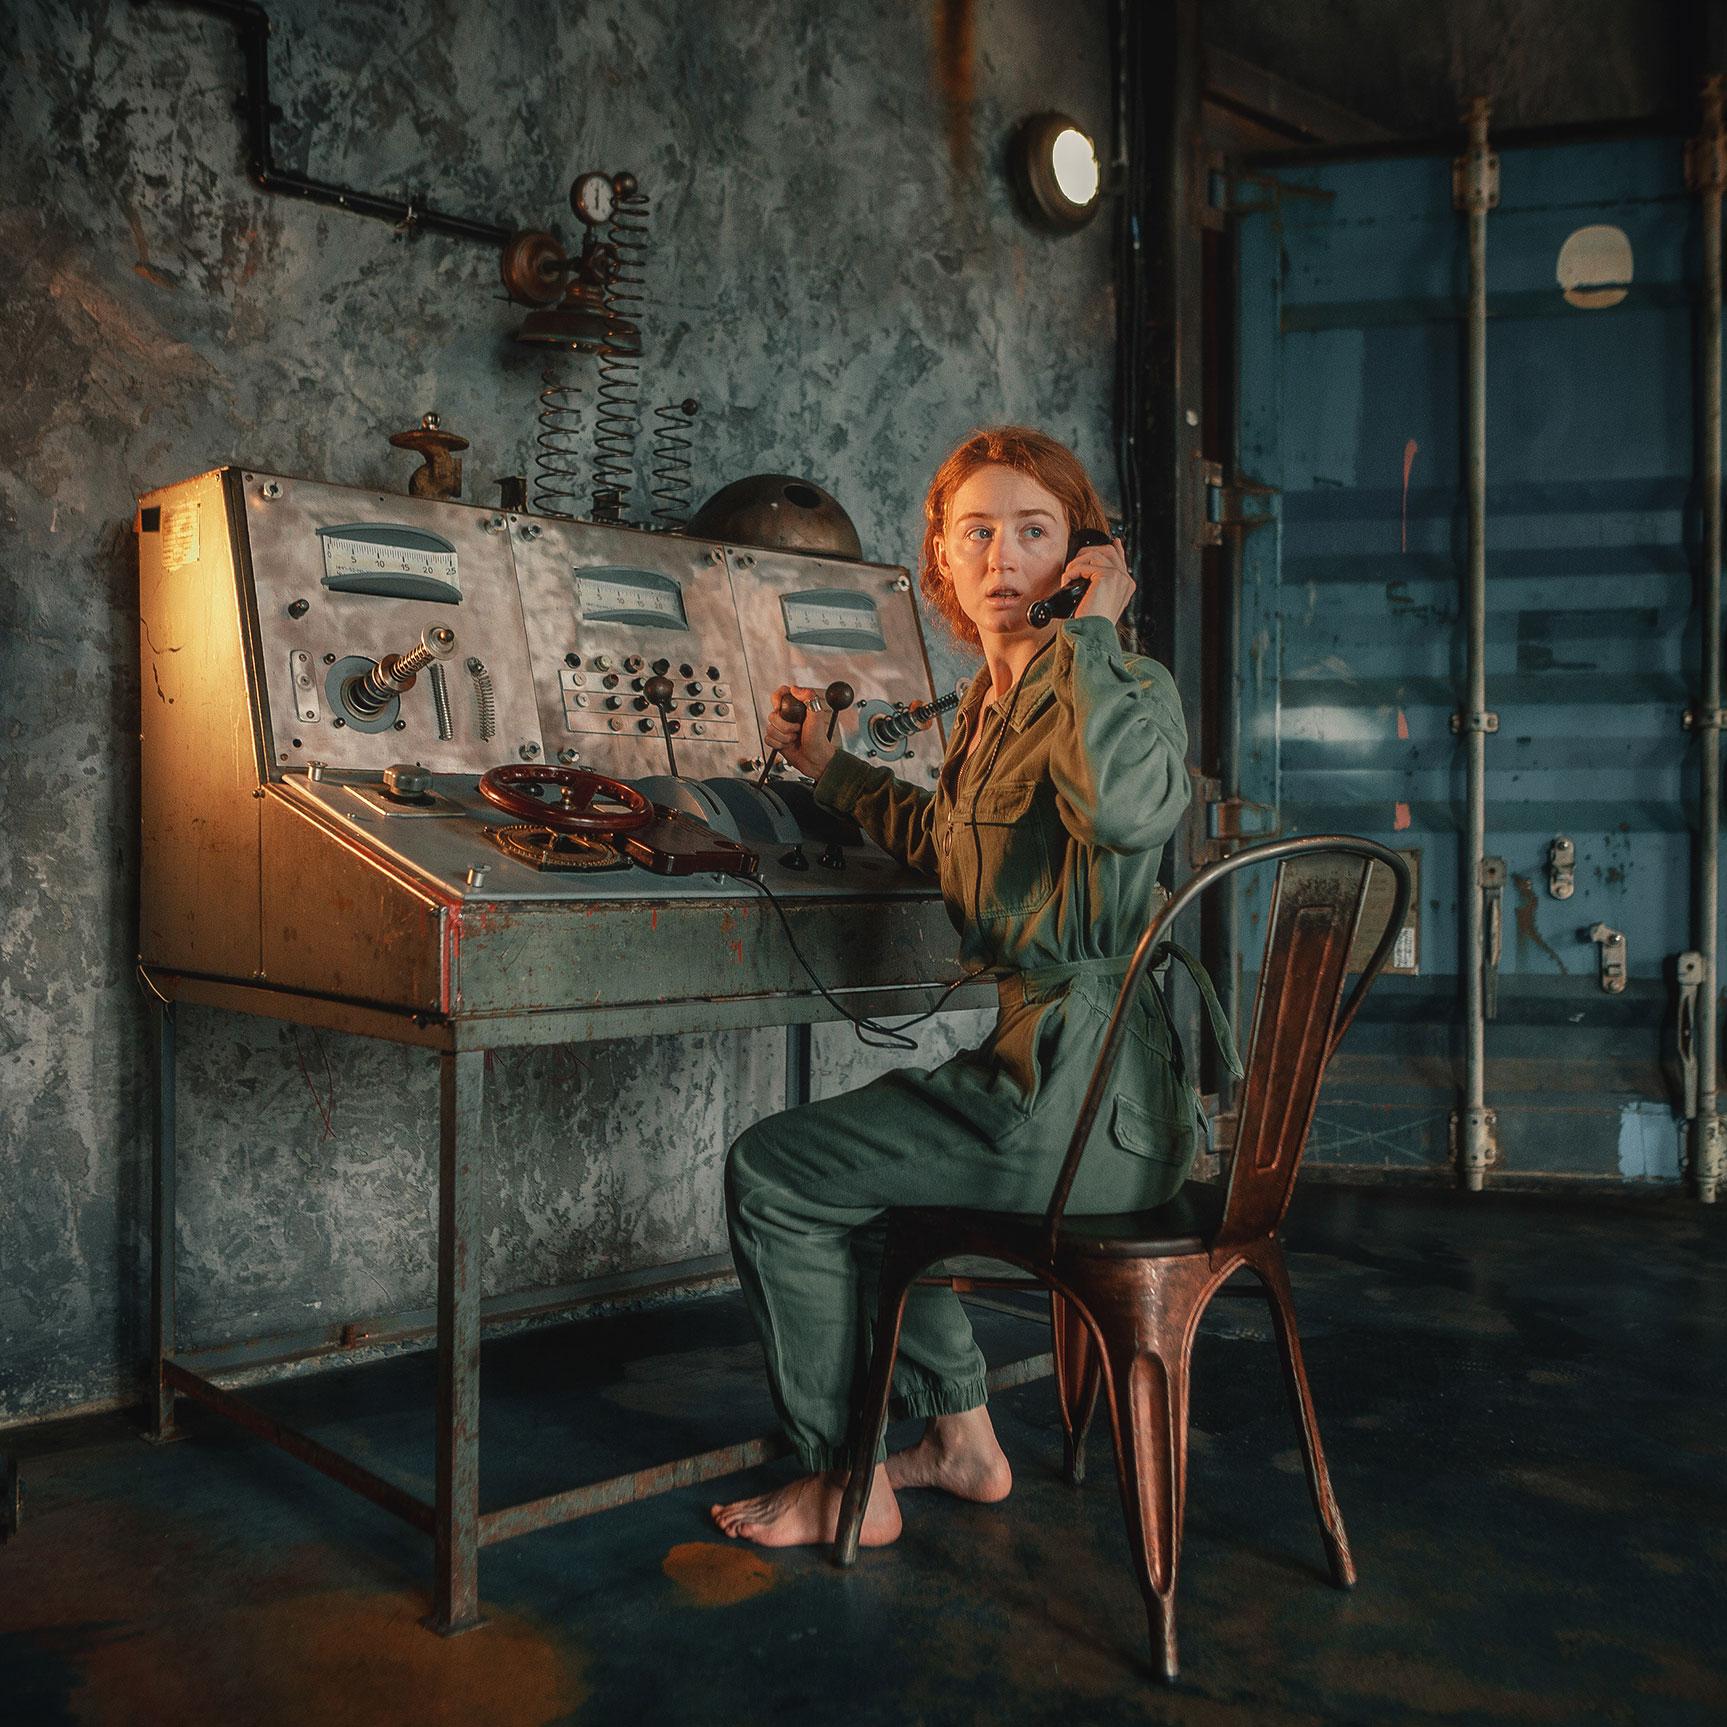 -фабричная девушка- Ксения Крюкова / фото 08